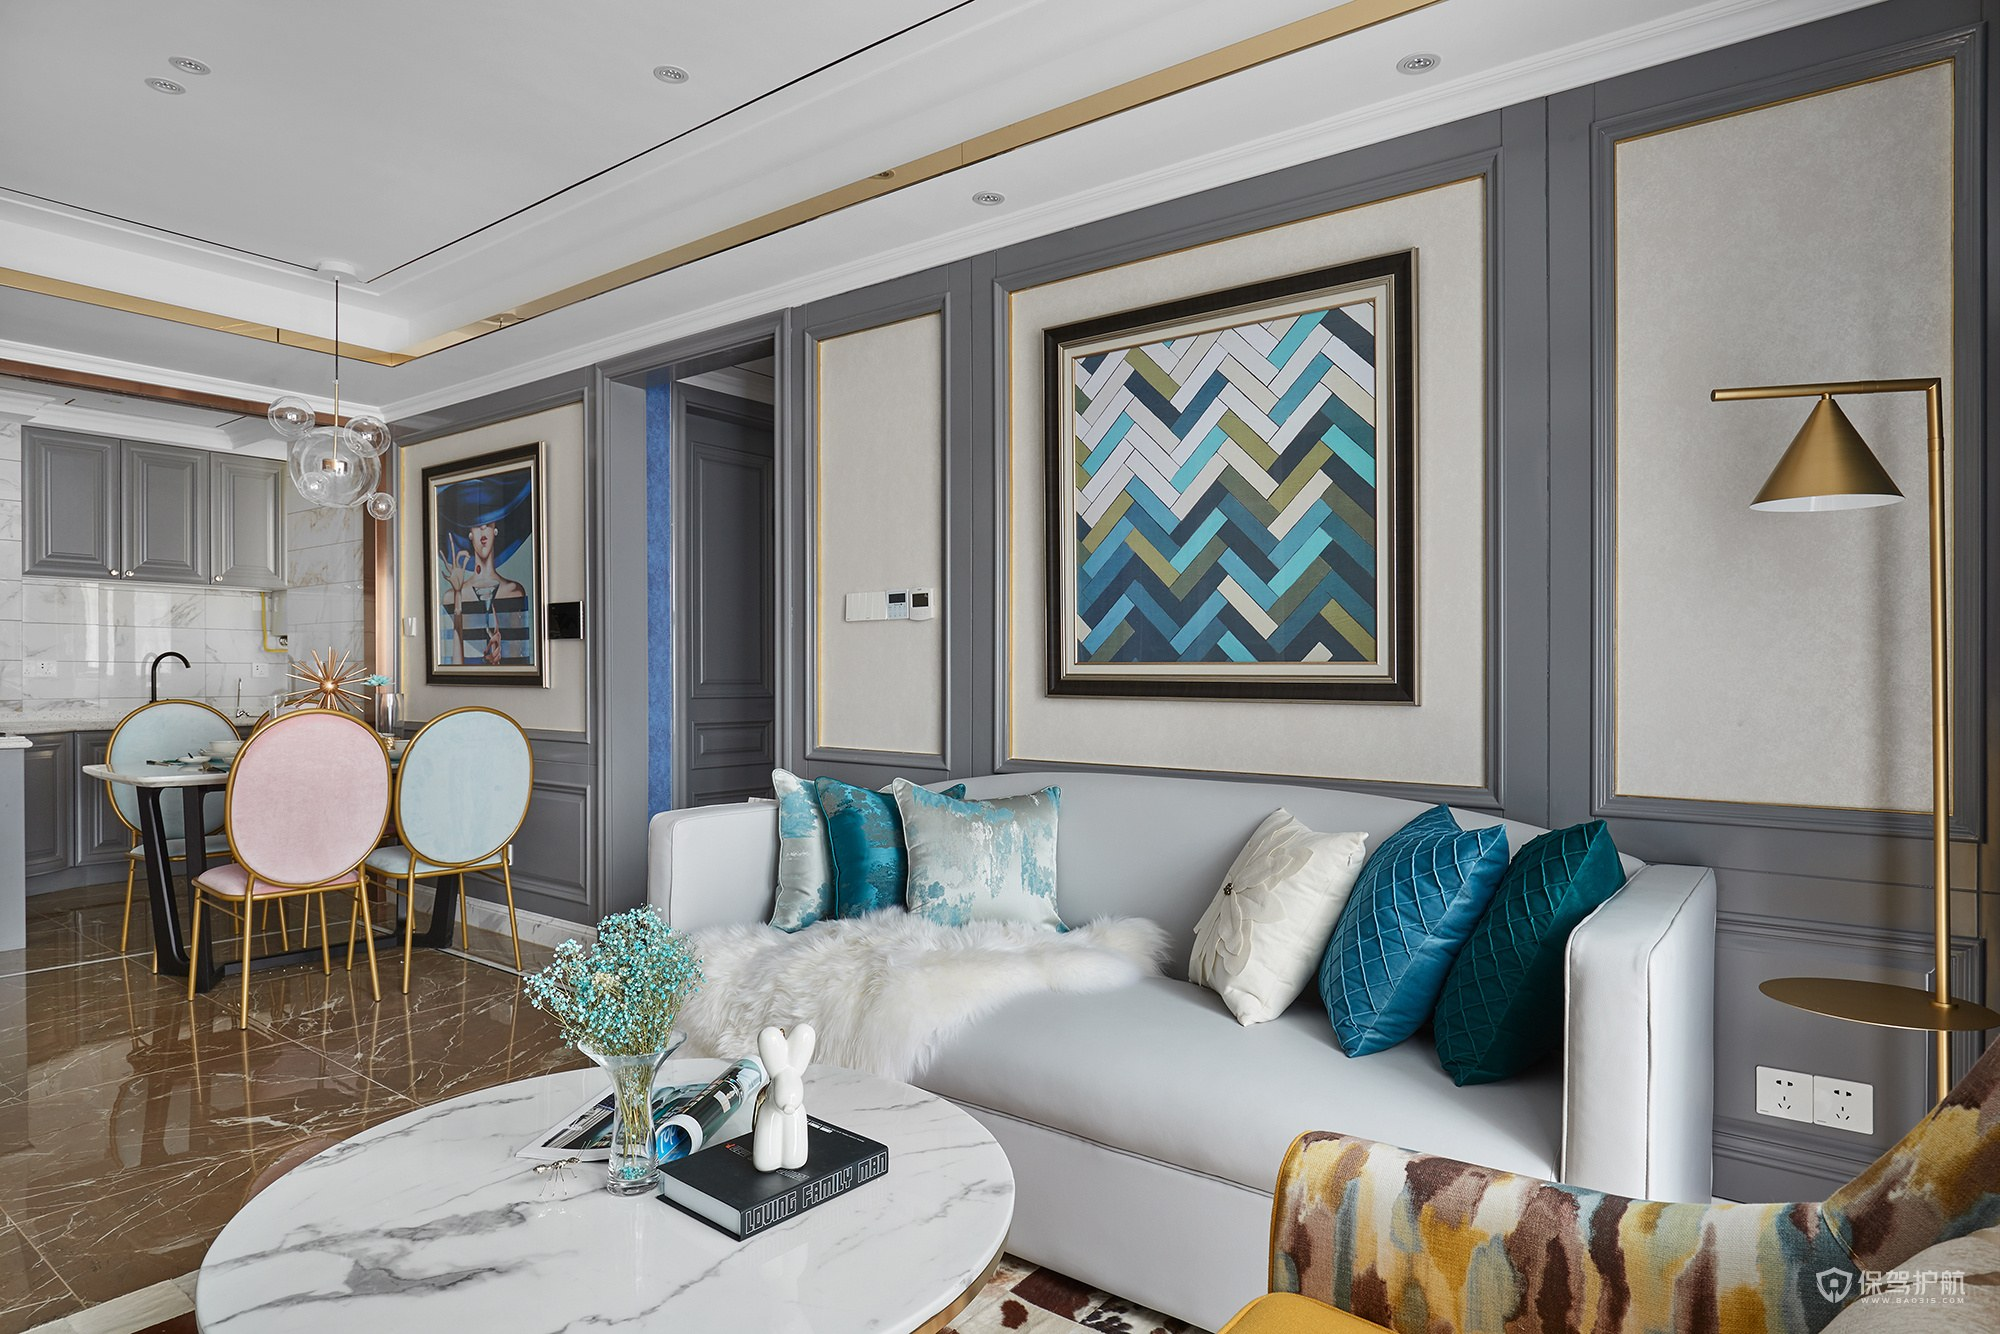 90平法式轻奢三居室客厅装修效果图